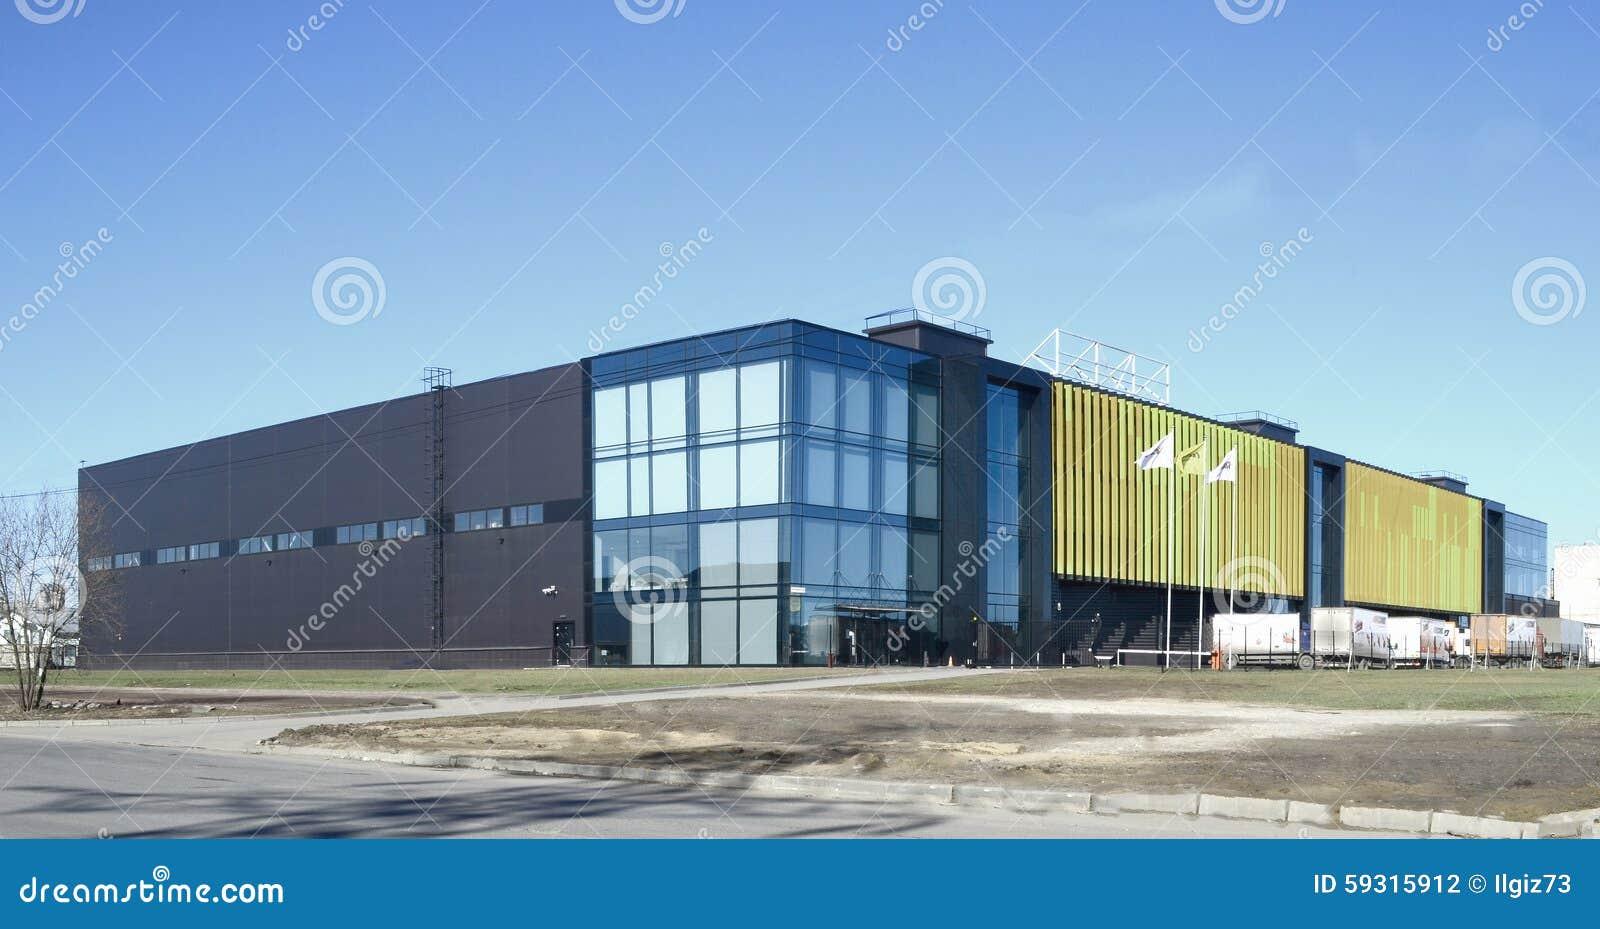 bâtiment industriel et moderne, photo stock - image du ciel, façade